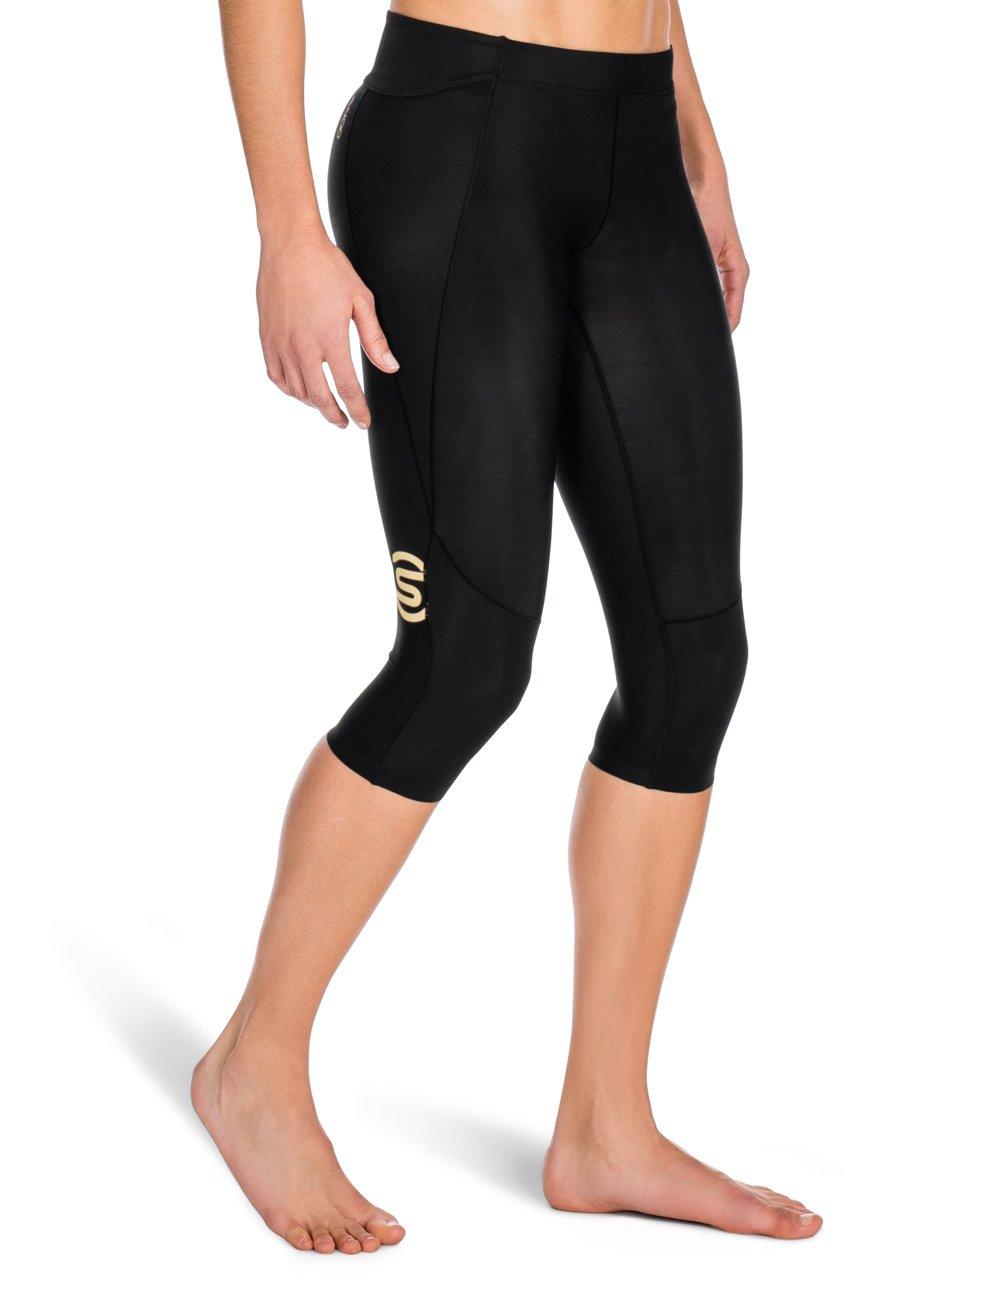 SKINS Pantalones 3/4 para Mujer